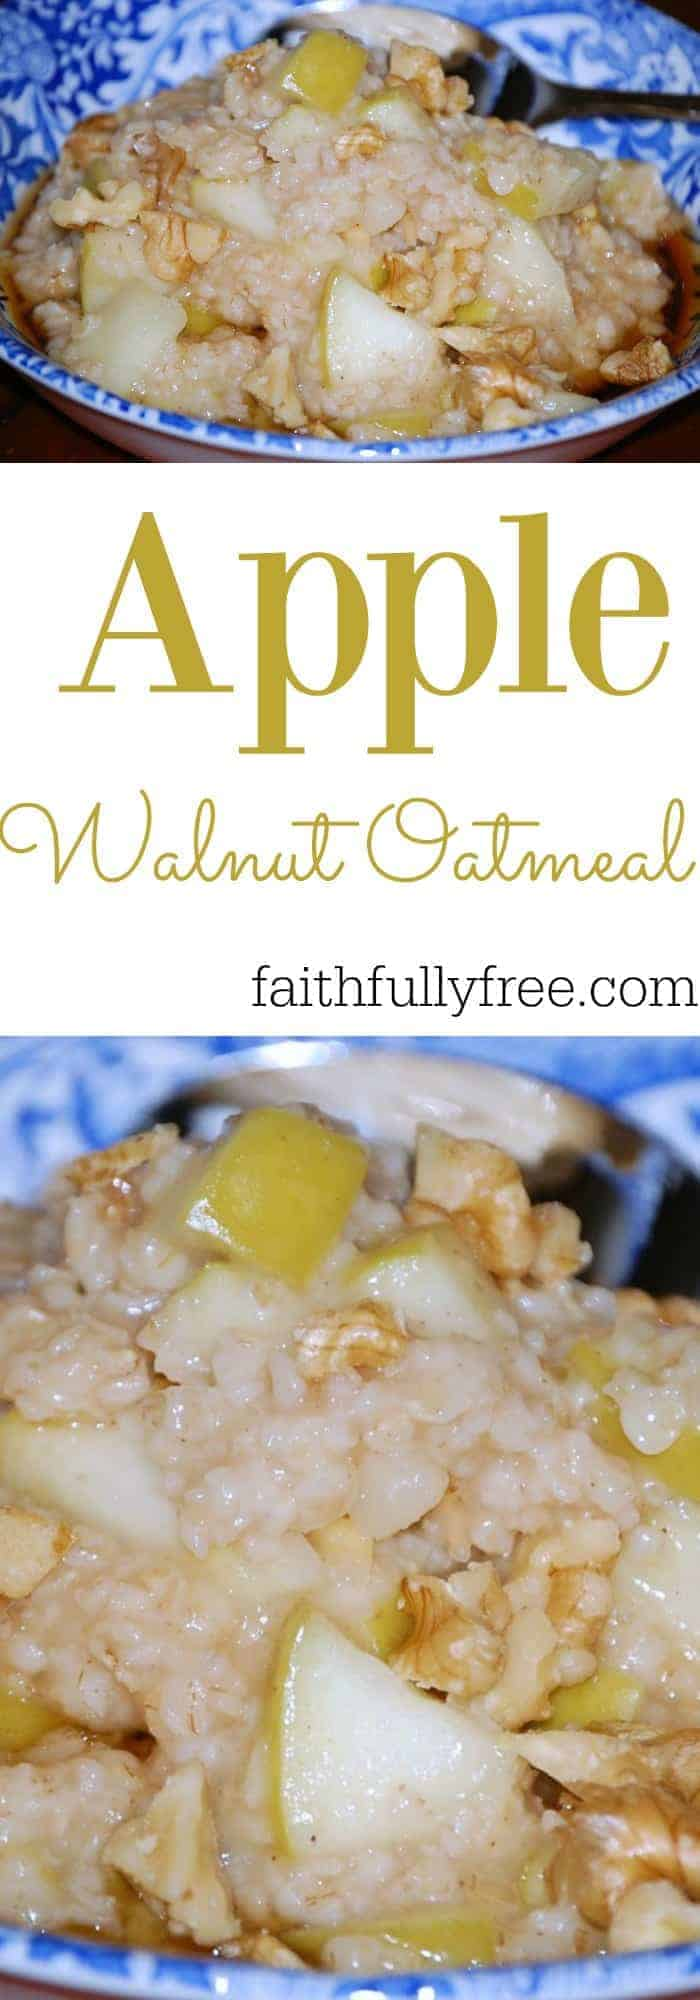 Apple Walnut Oatmeal - Back To School Breakfast Of Champions